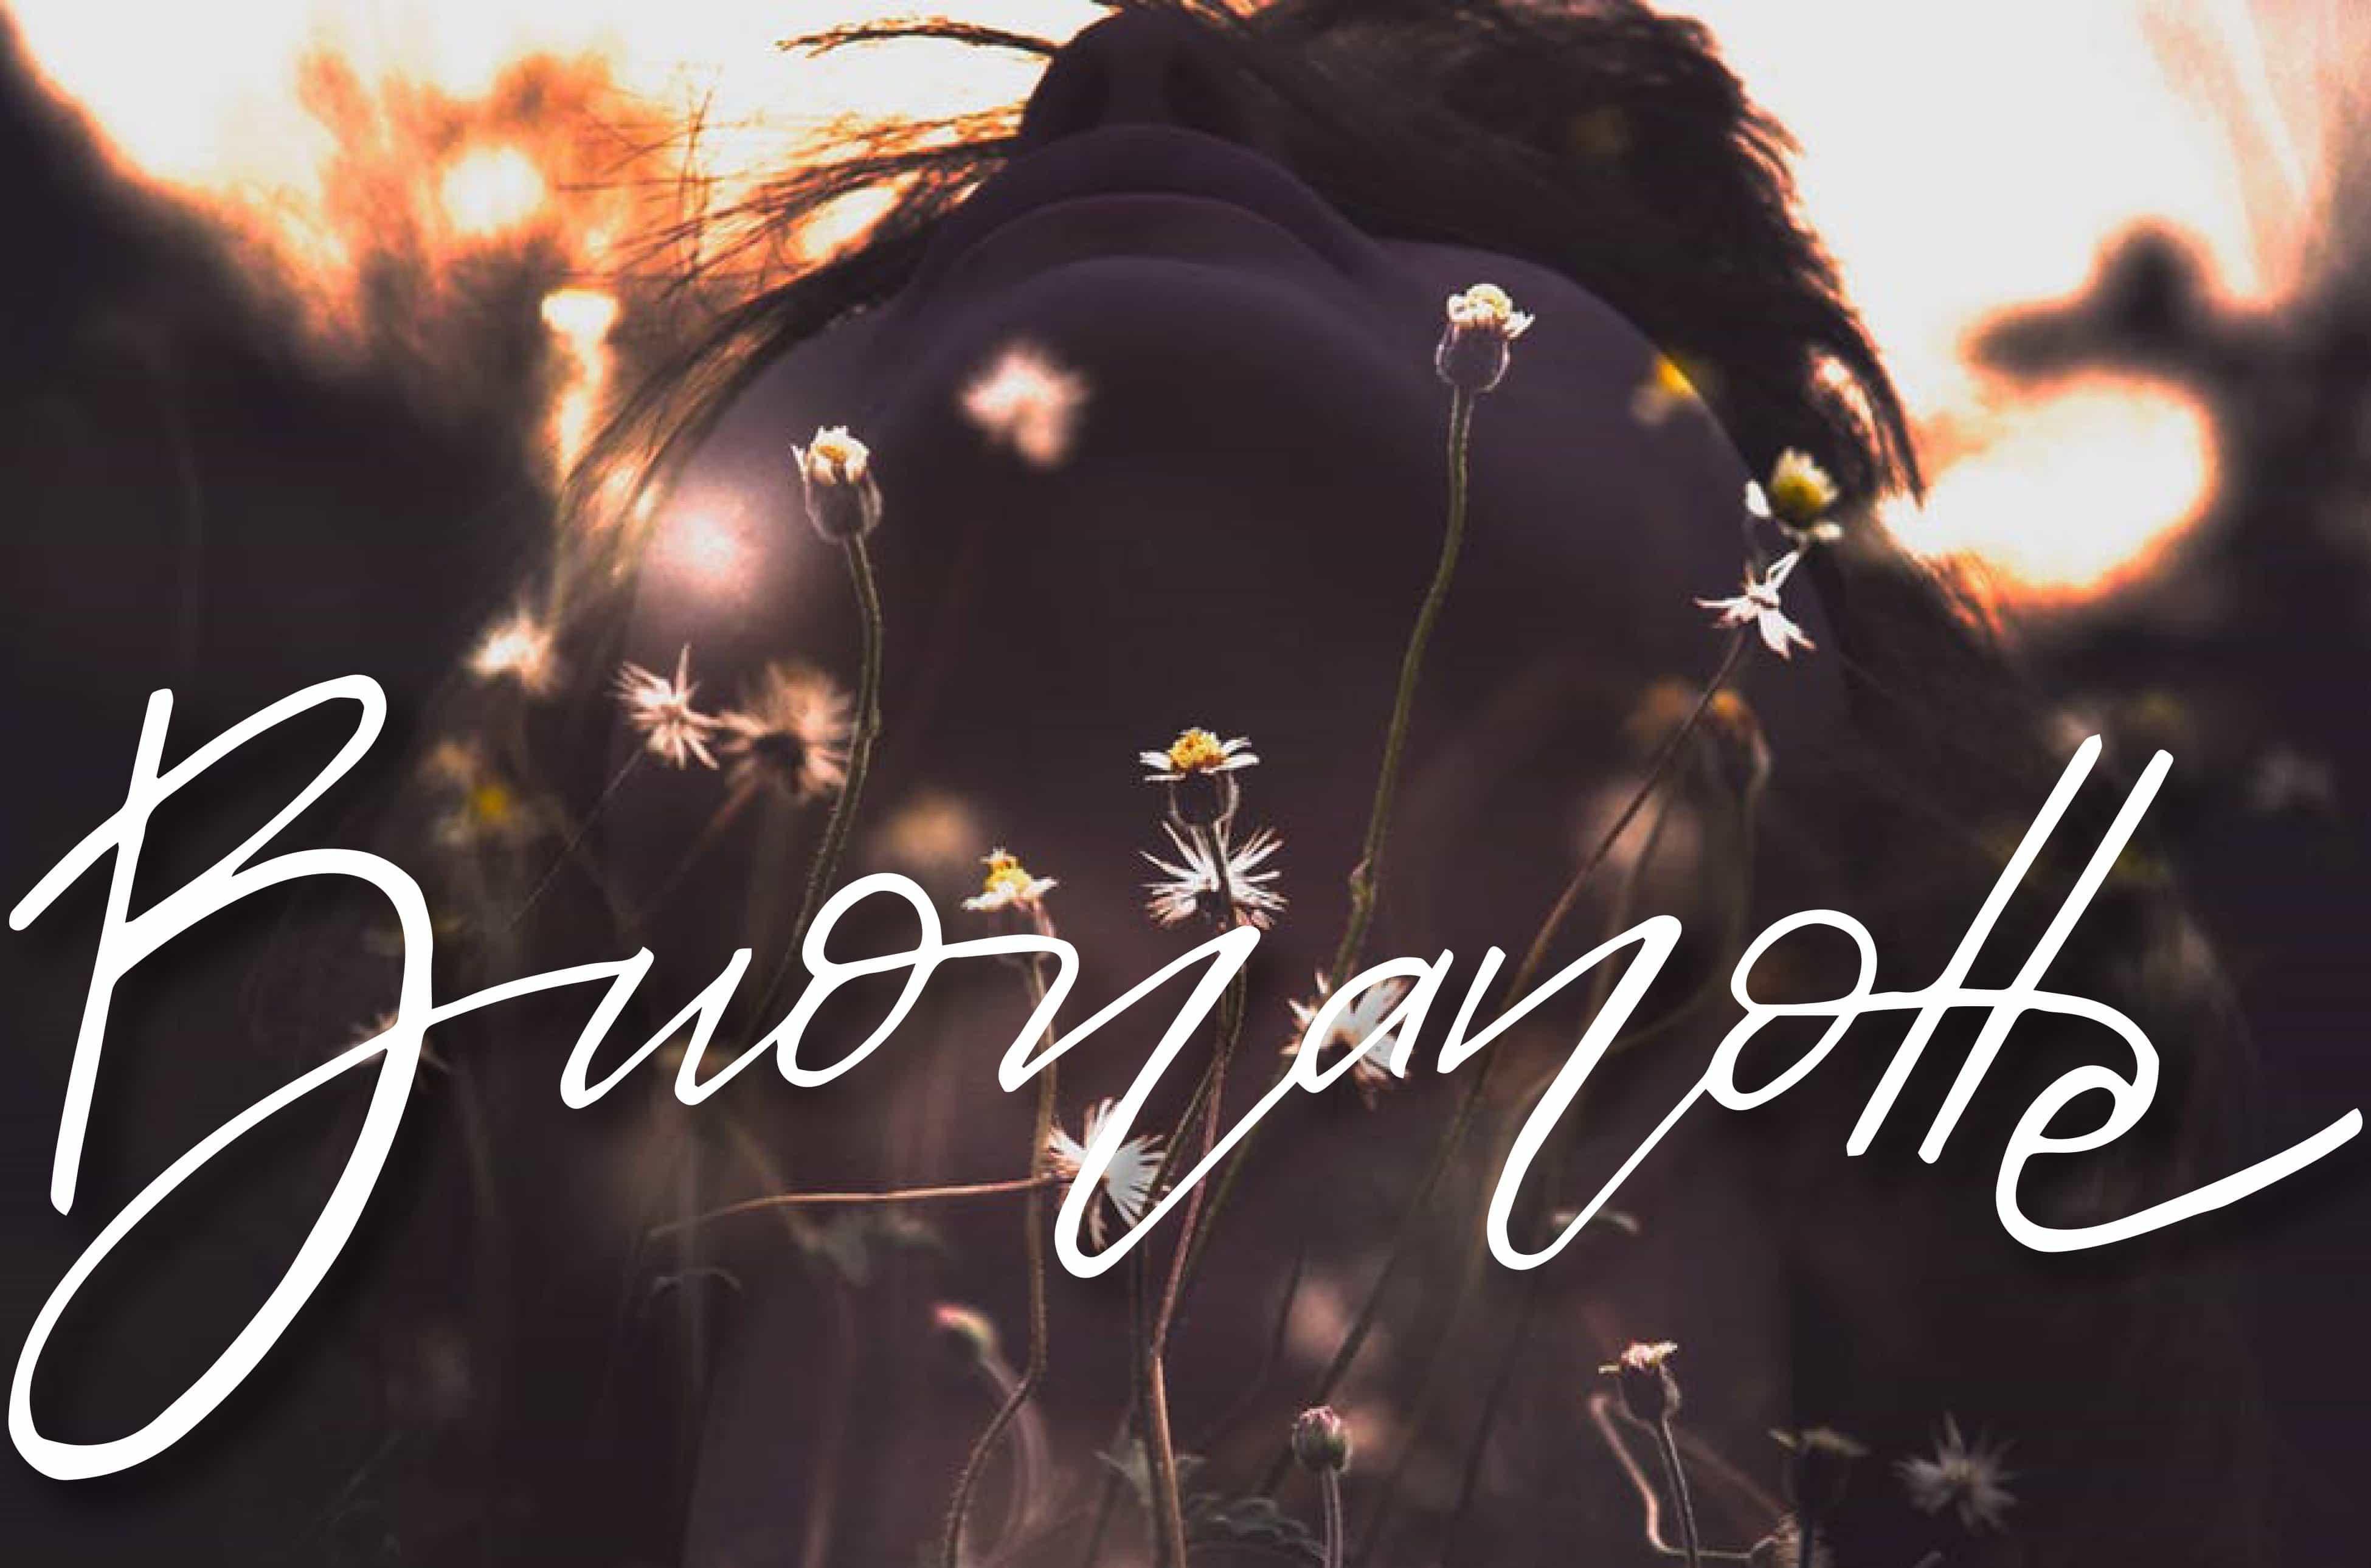 buonanotte con i fiori immagine nuova